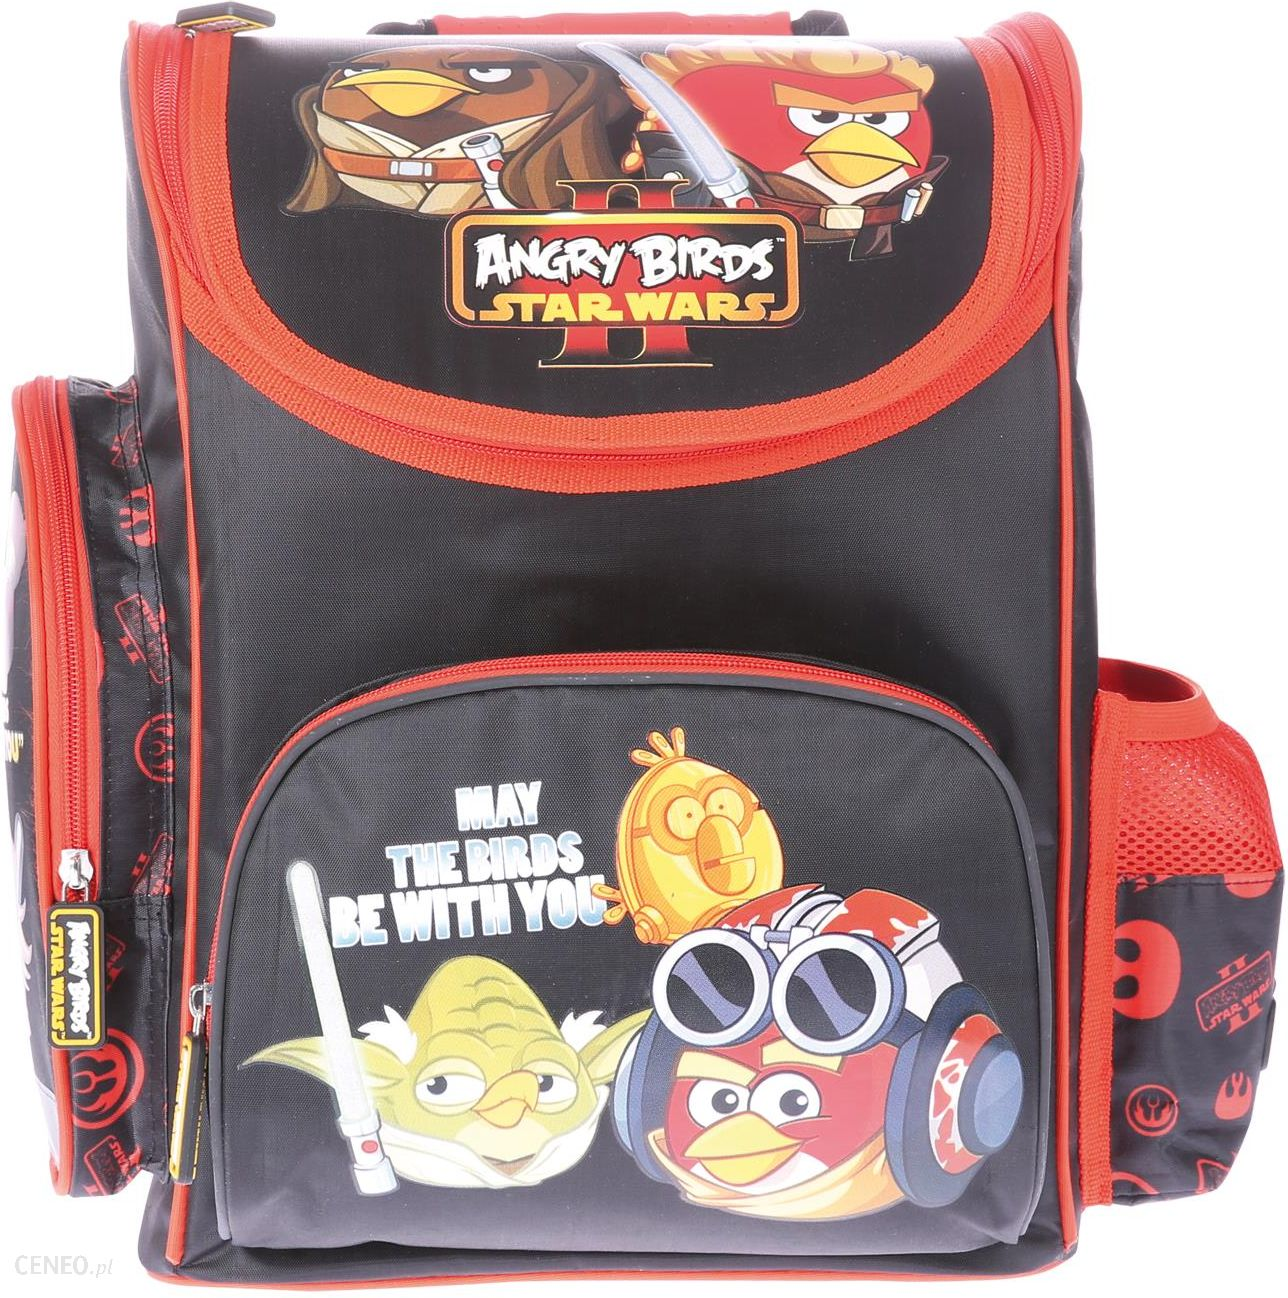 St Majewski Tornister Szkolny Angry Birds Star Wars Ii 90770 Ceny I Opinie Ceneo Pl